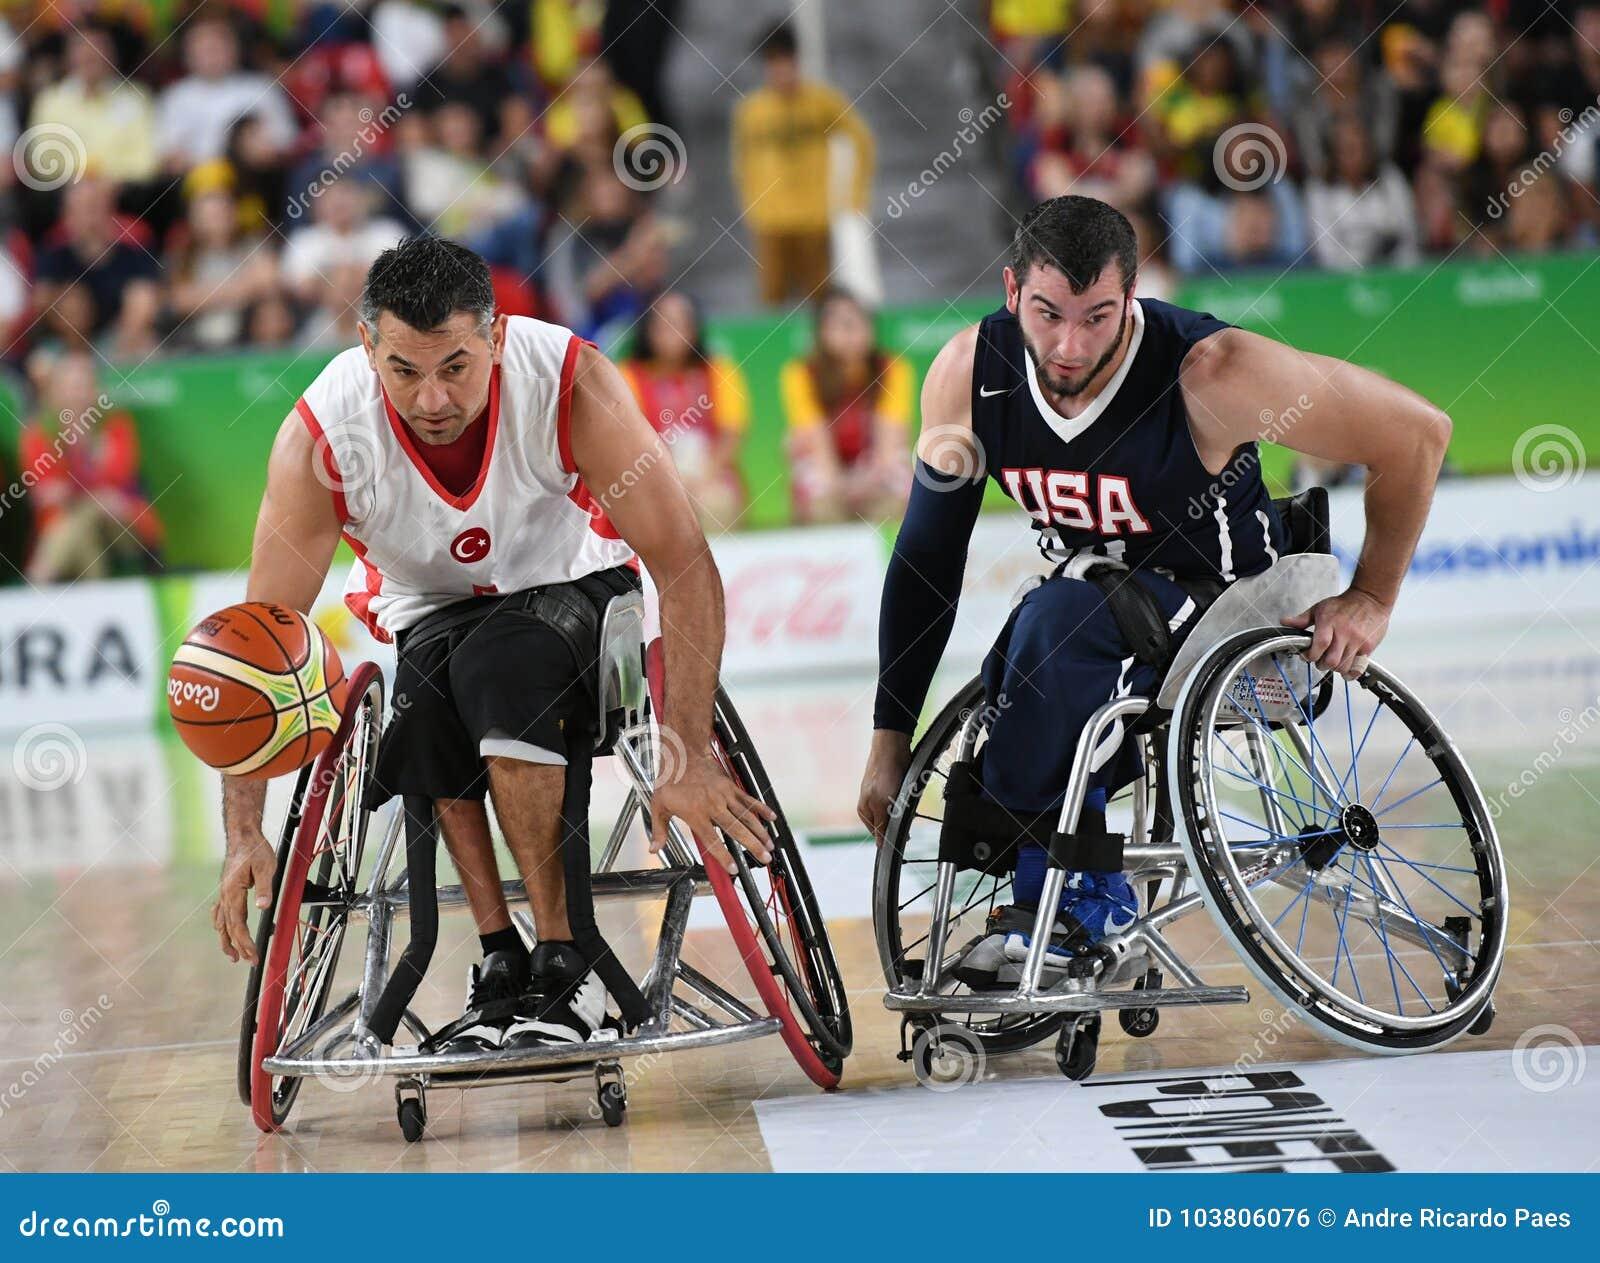 Paralympics Games 2016 Basketball